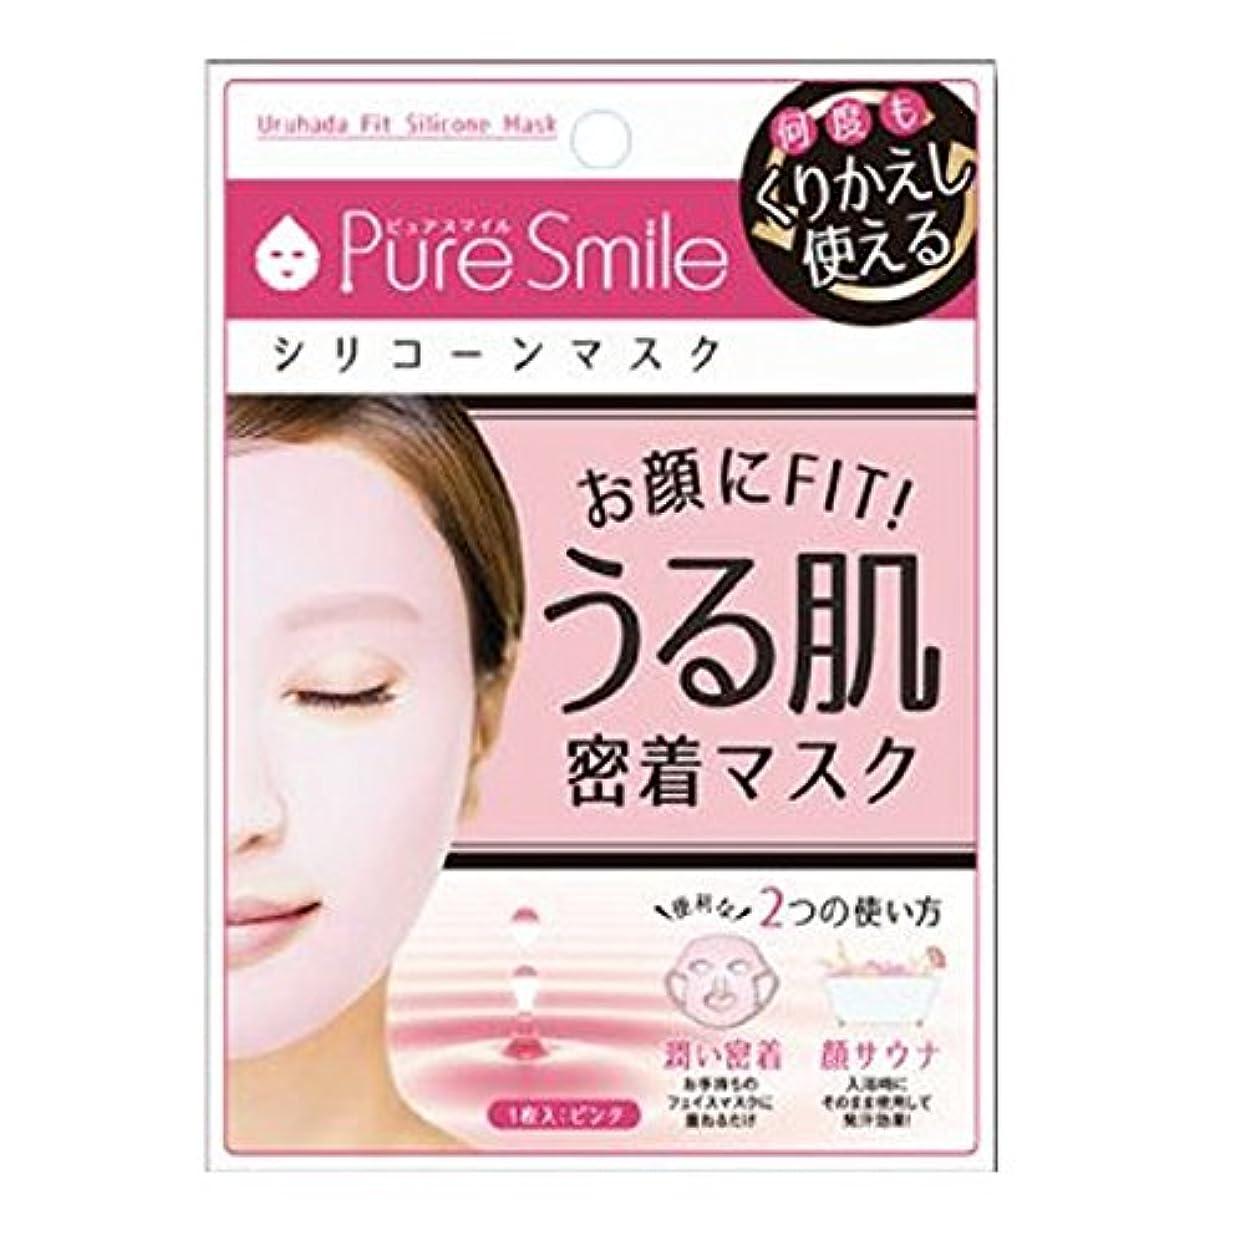 コマースハロウィン識字Pure Smile(ピュアスマイル) シリコーンマスク『うる肌密着マスク』(ピンク)